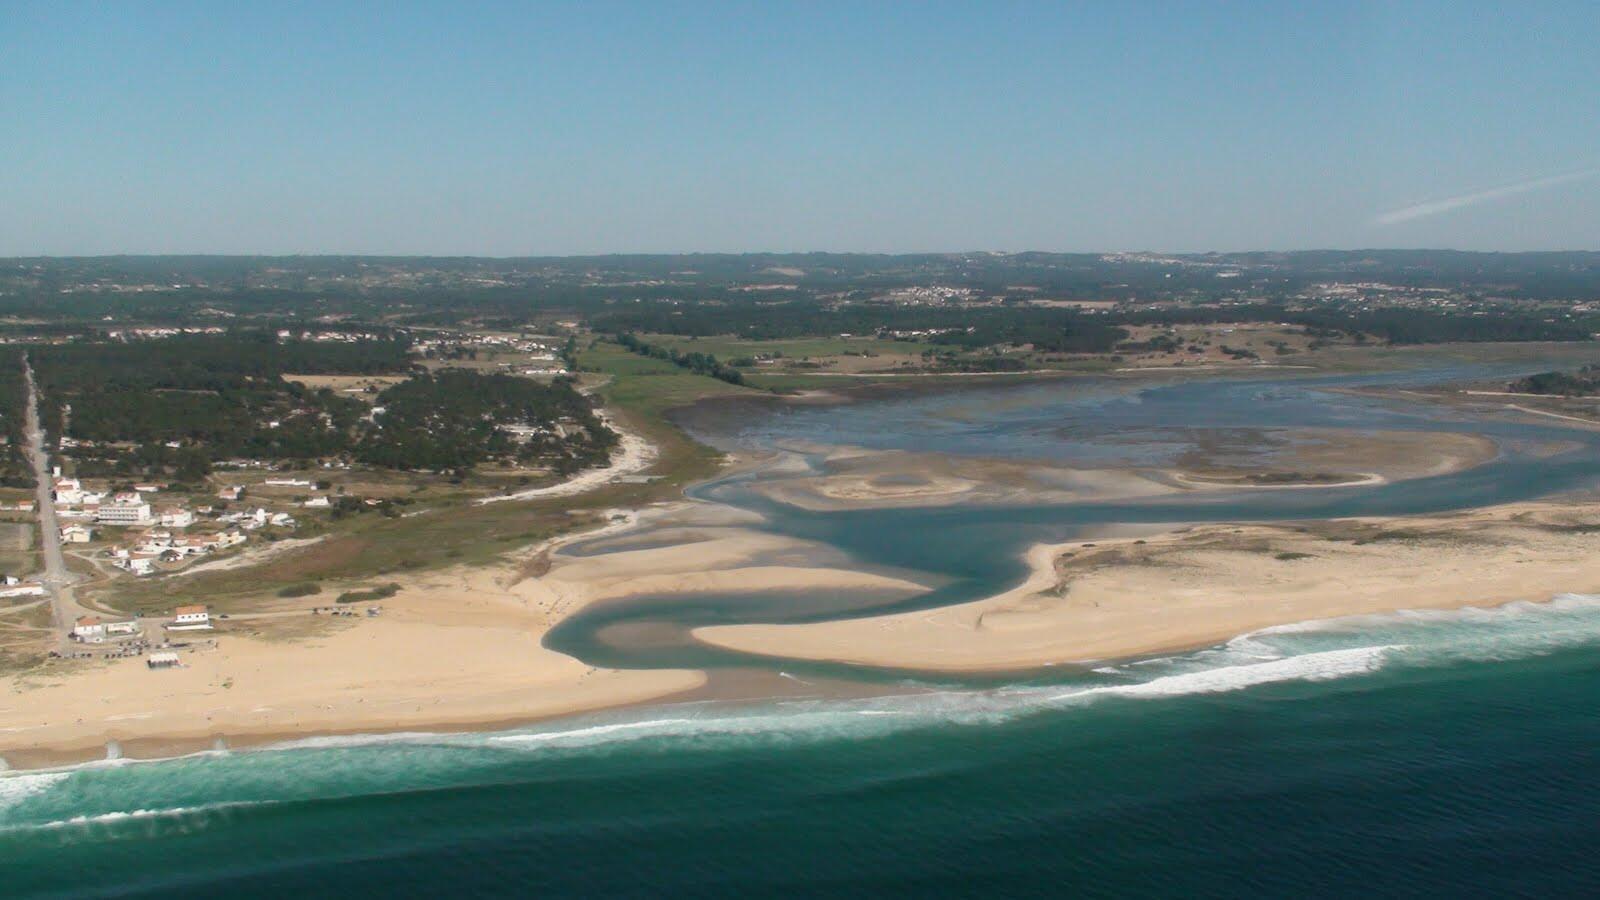 praia-da-lagoa-de-santo-andré-as-melhores-praias-do-sul-de-portugal